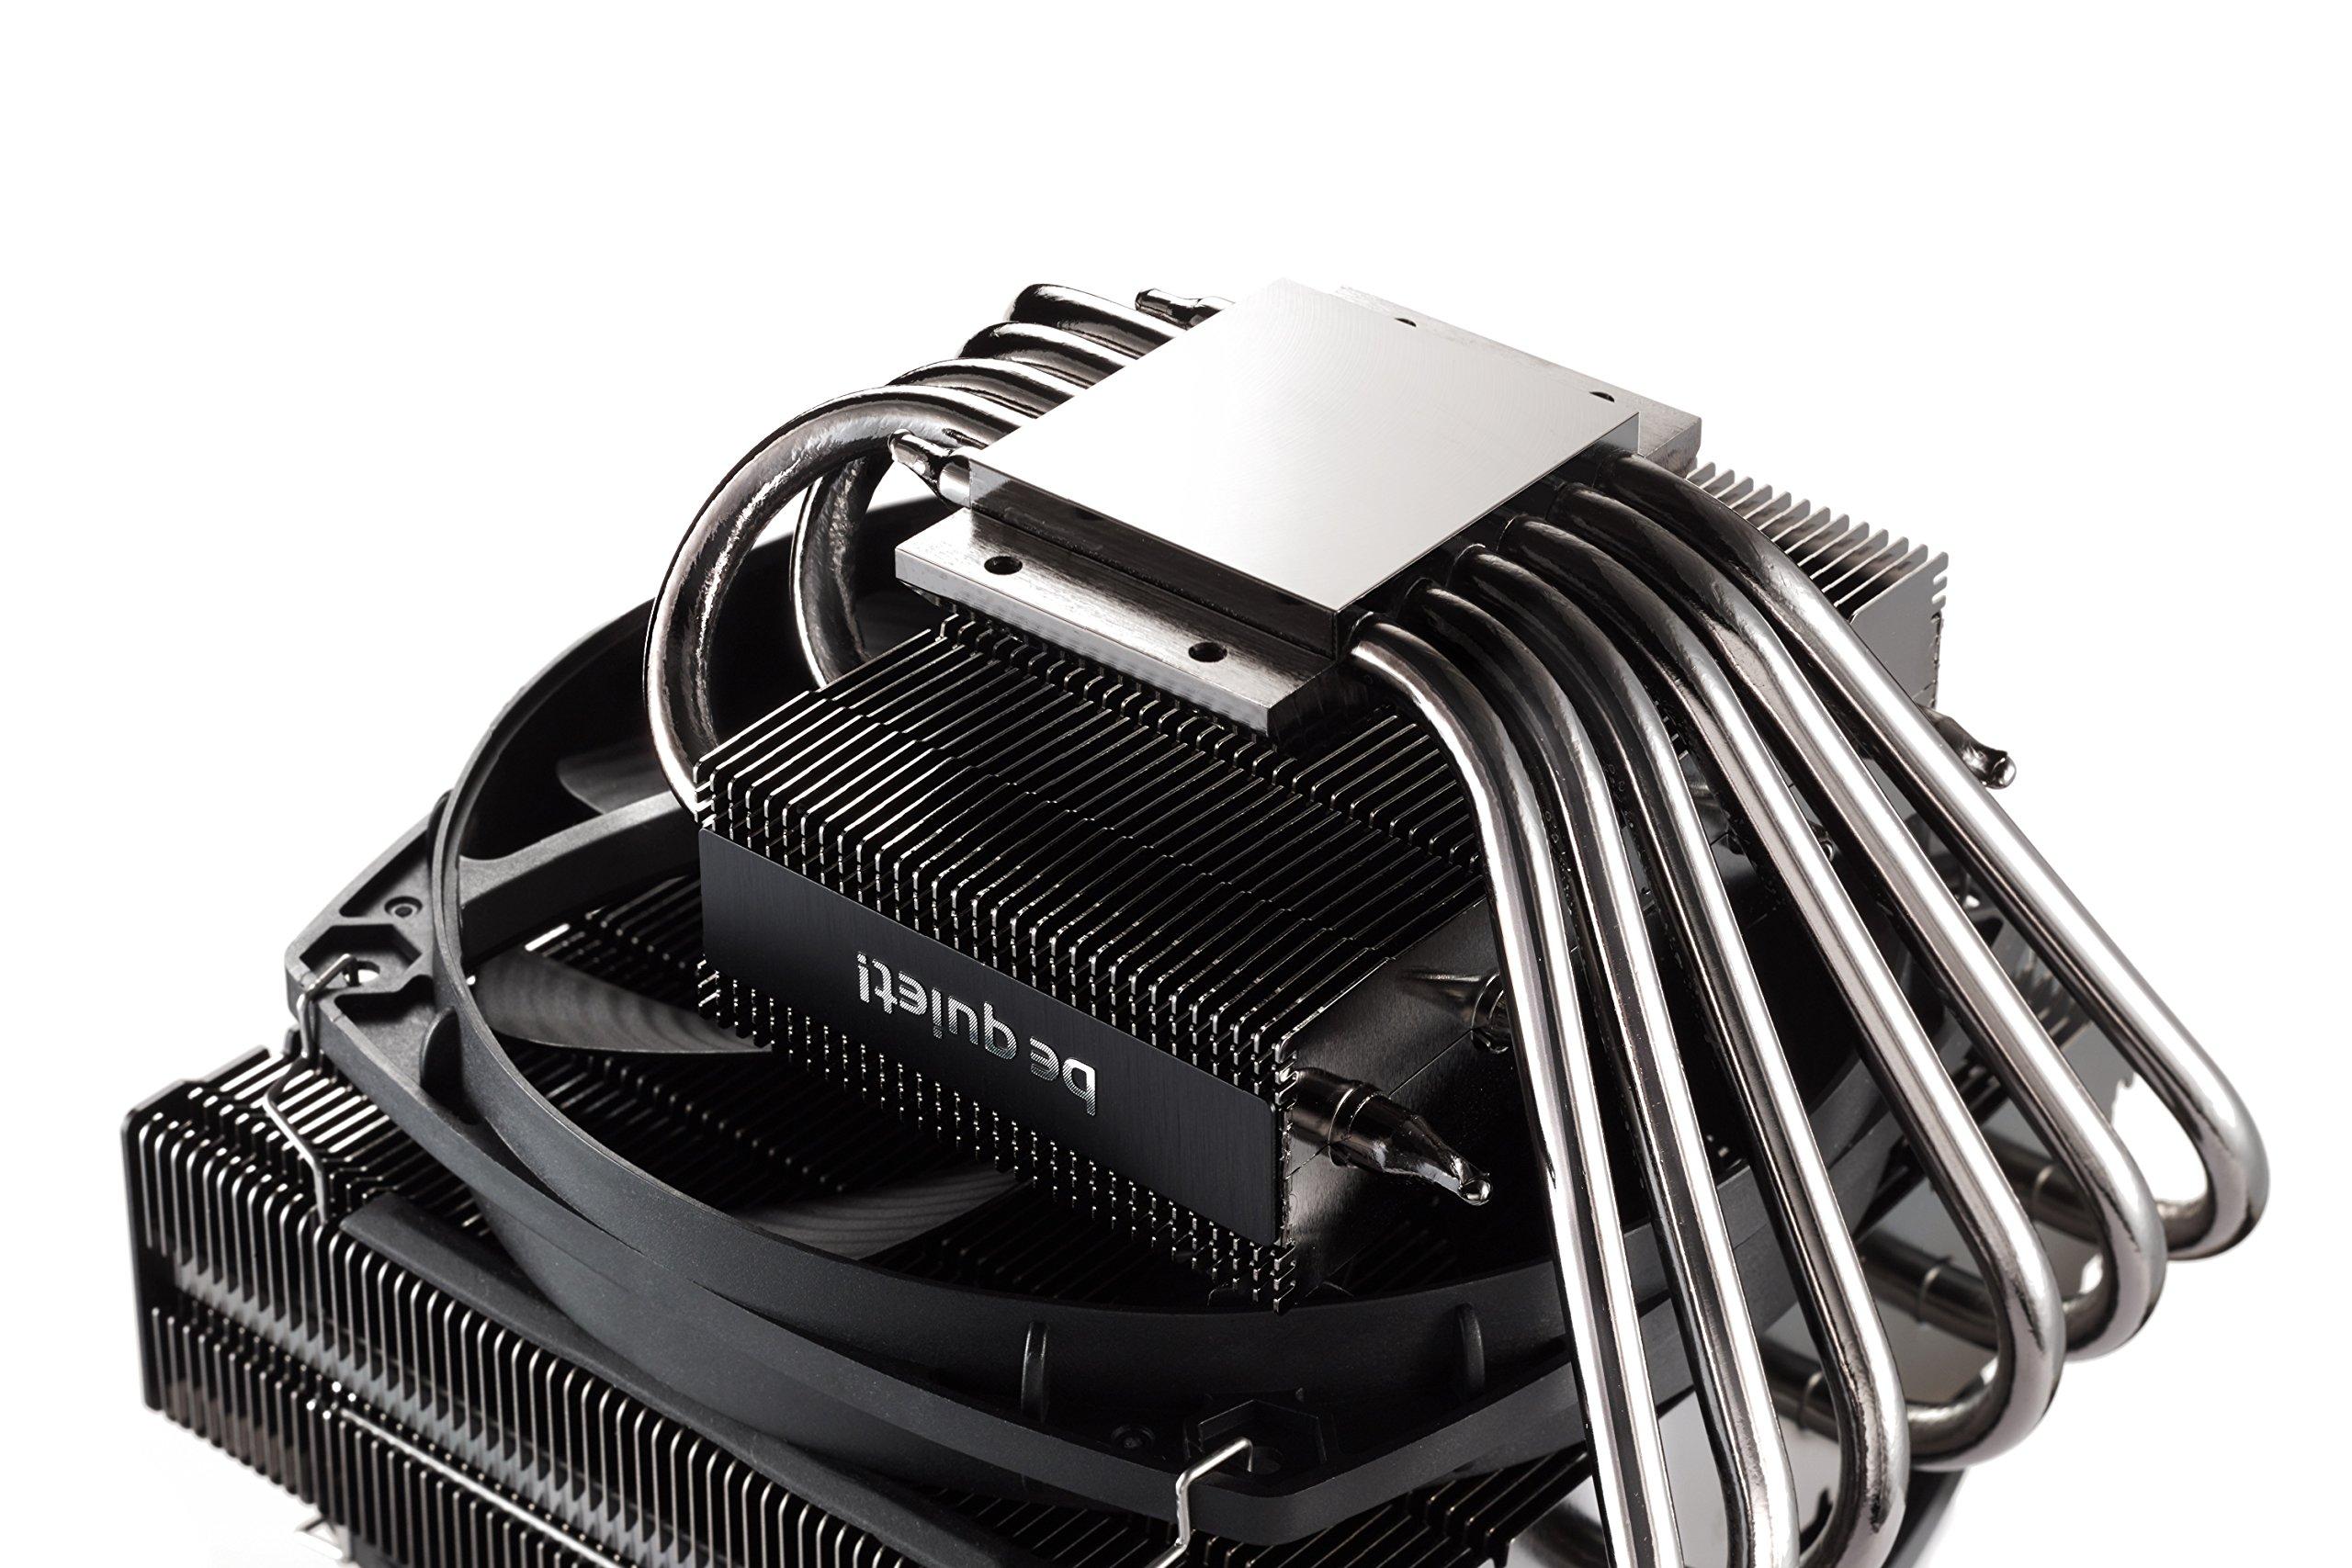 be quiet! Dark Rock Tf, BK020, 220W TDP, CPU Cooler by be quiet! (Image #3)